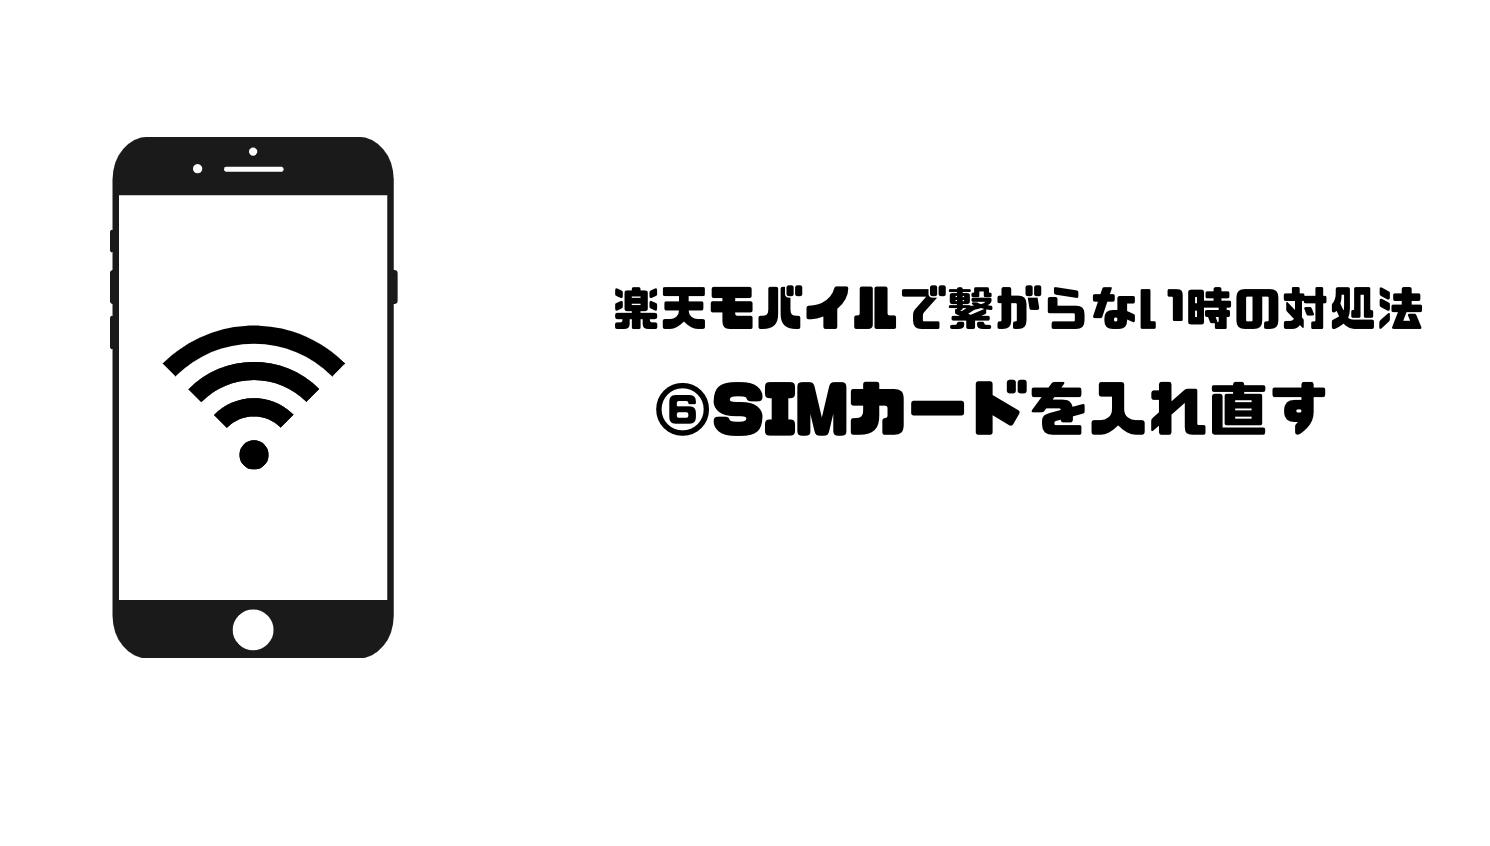 楽天モバイル_つながらない_繋がらない_対処法_SIMカード